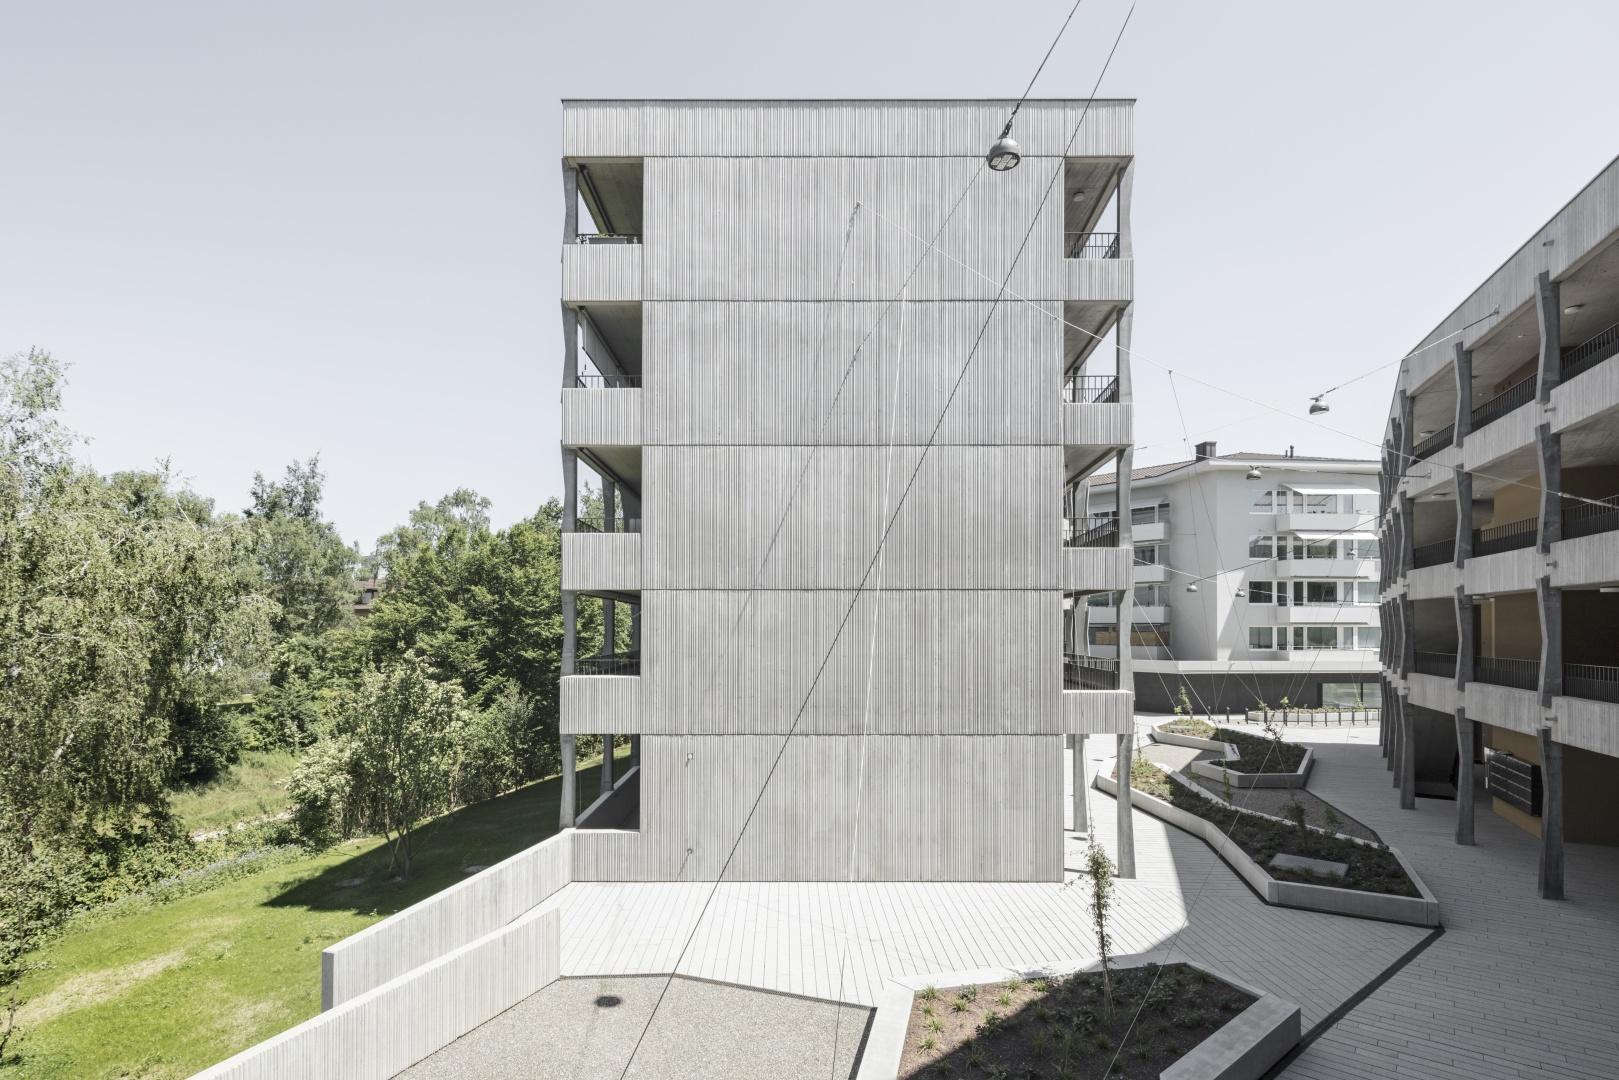 Stirnfassade mit Strukturschalung © Beat Bühler